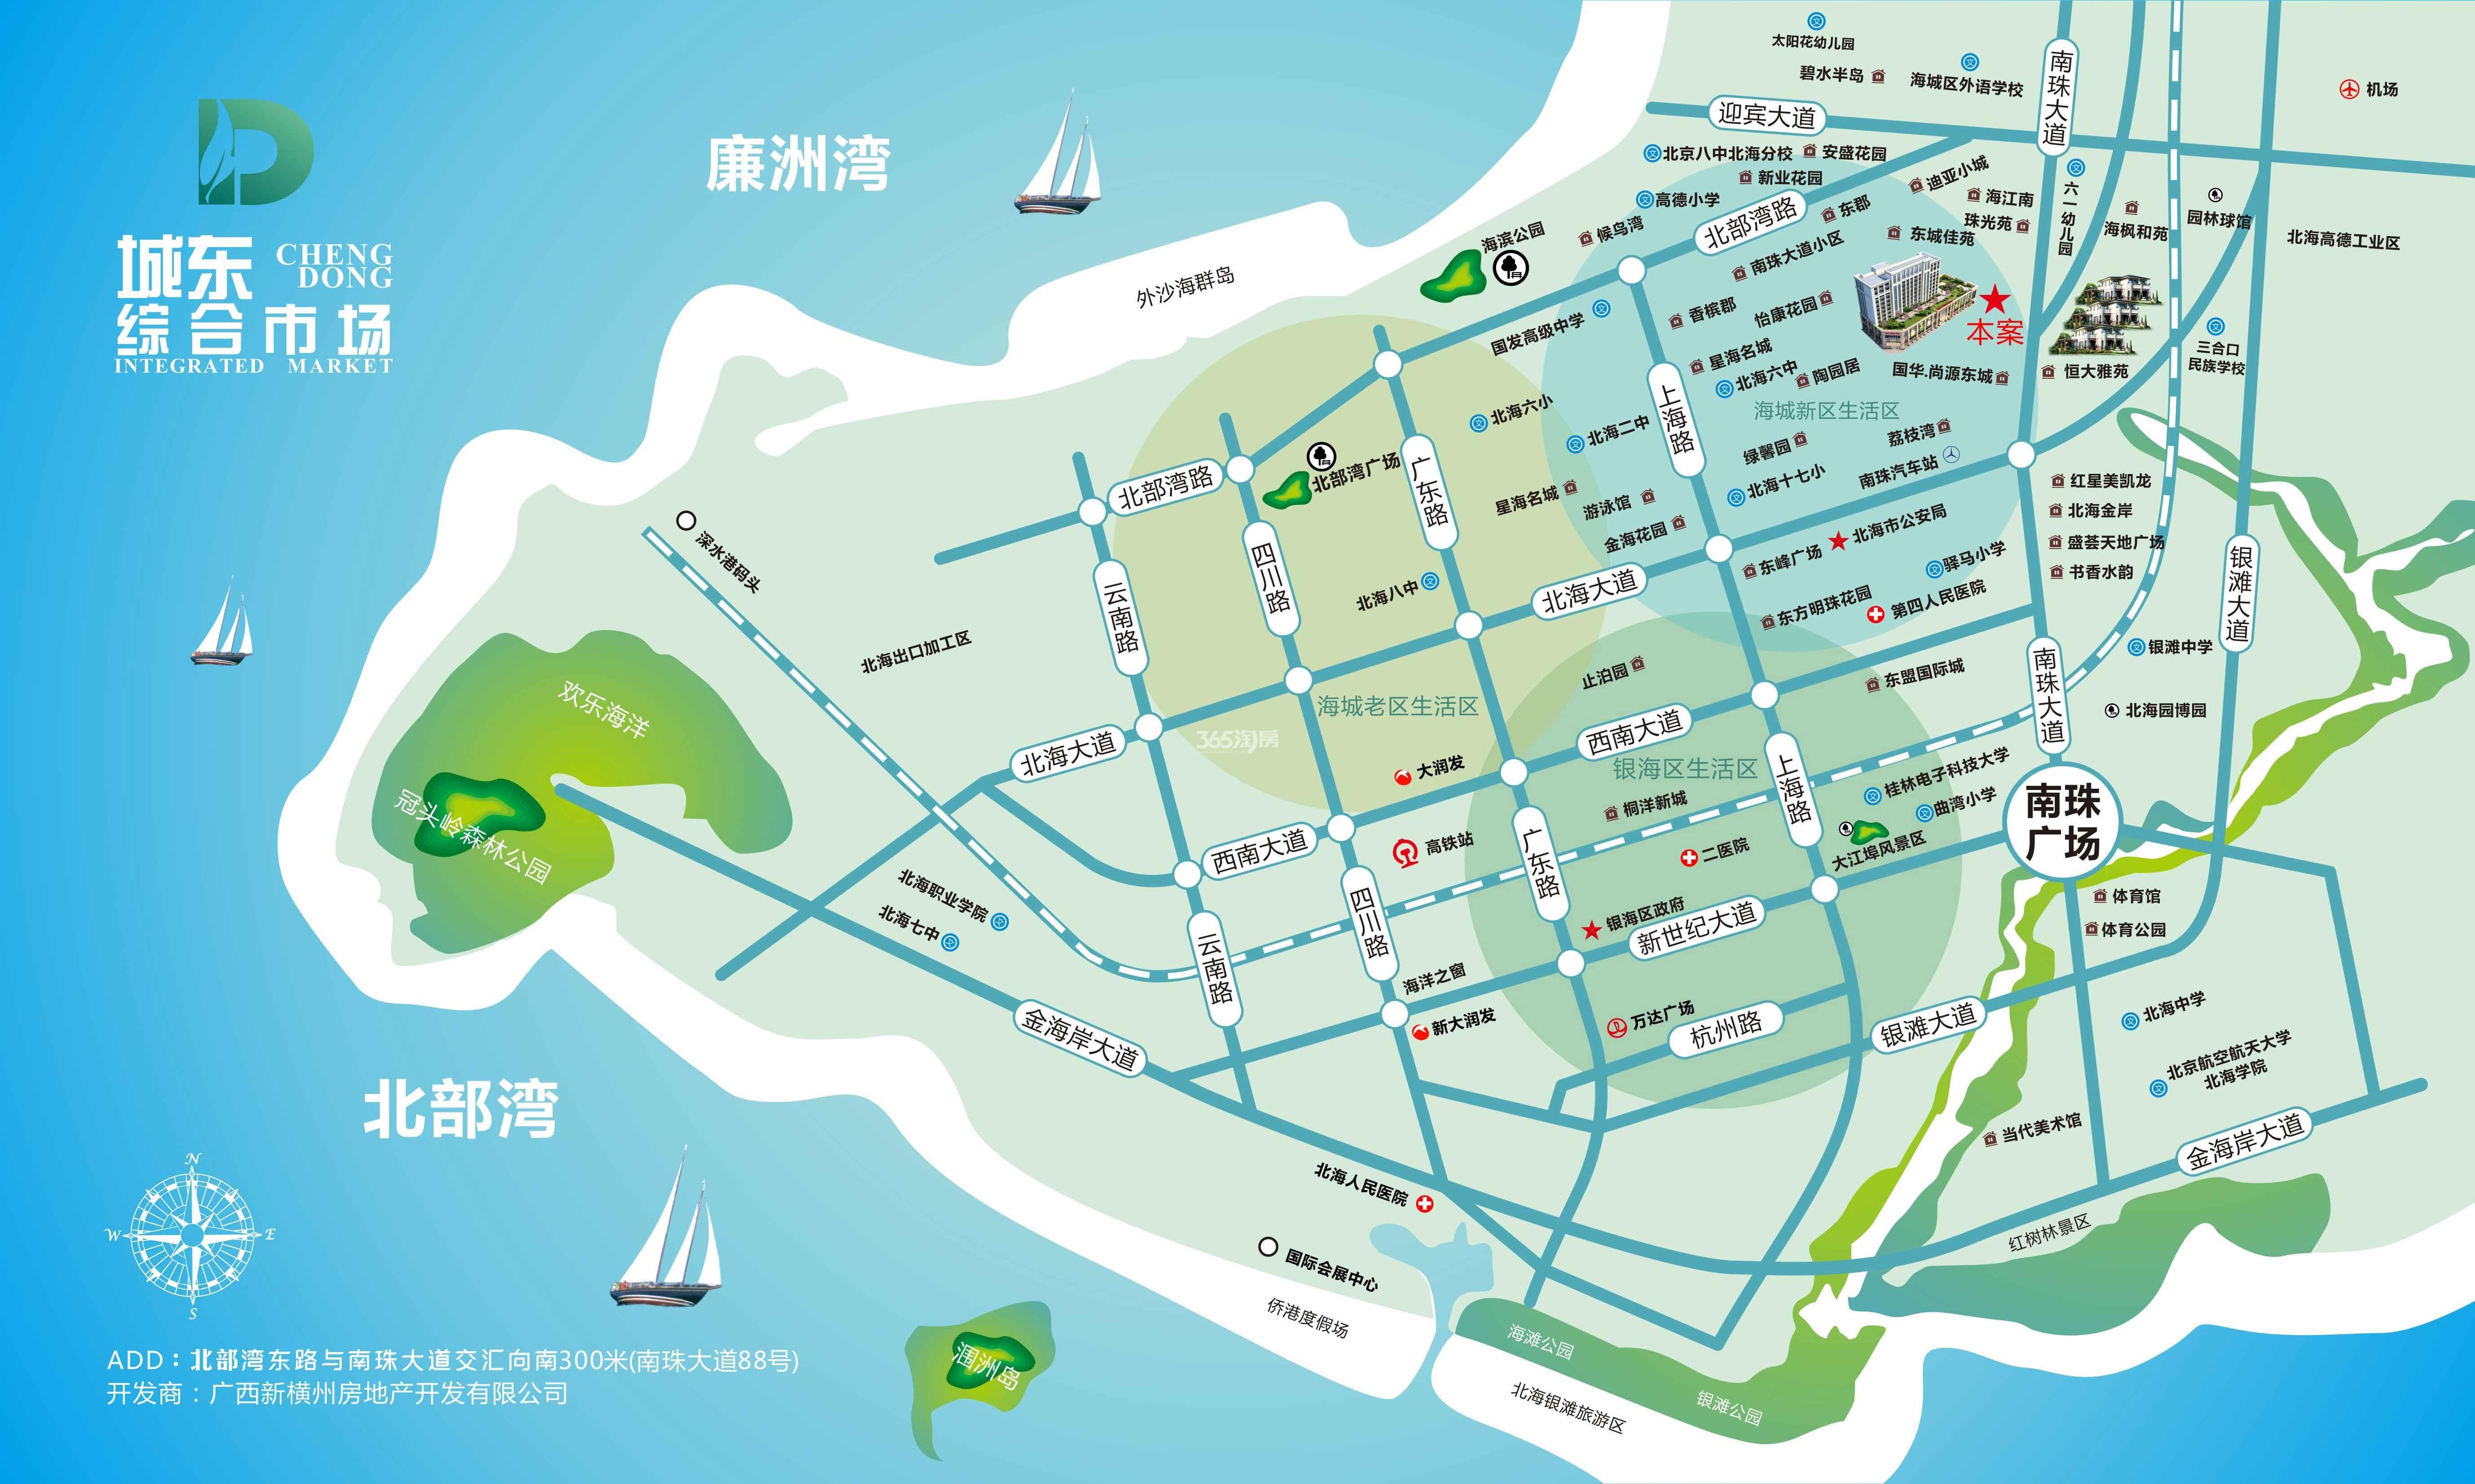 城东综合市场交通图